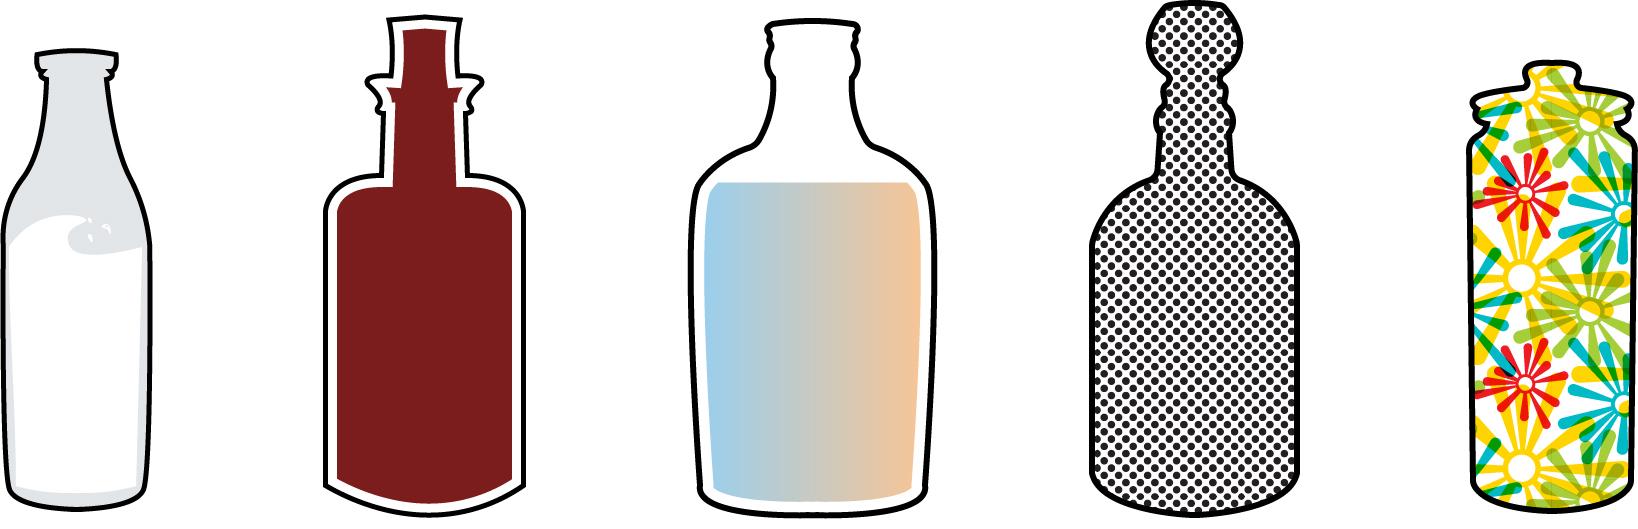 Flacons avec différents liquides colorés